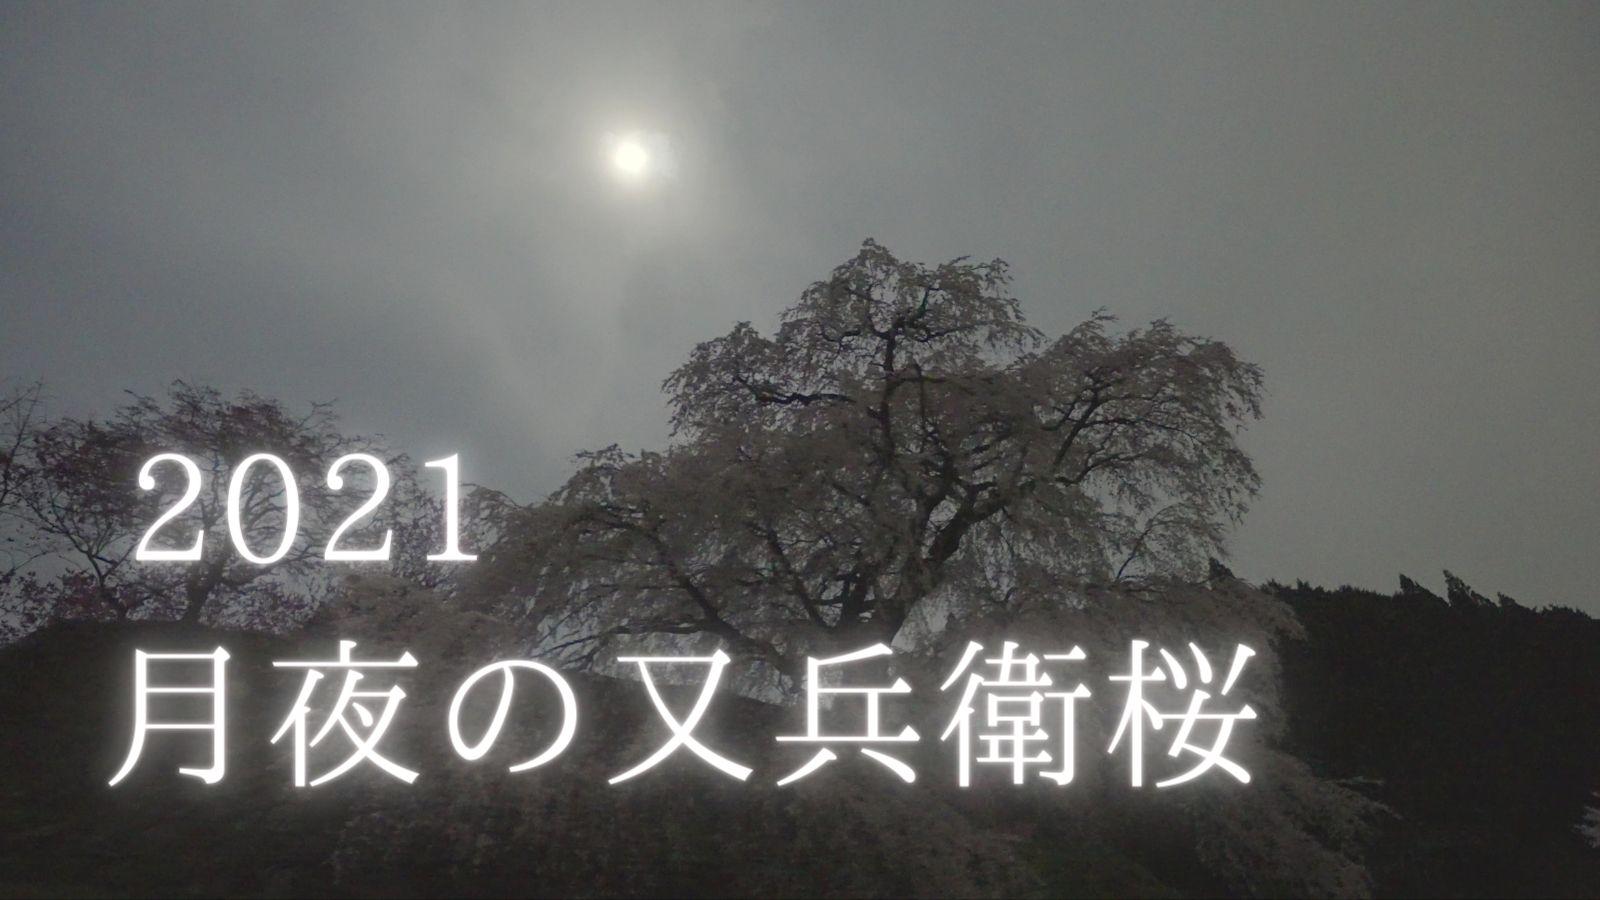 【動画】月明かりと満開の又兵衛桜(2021年)